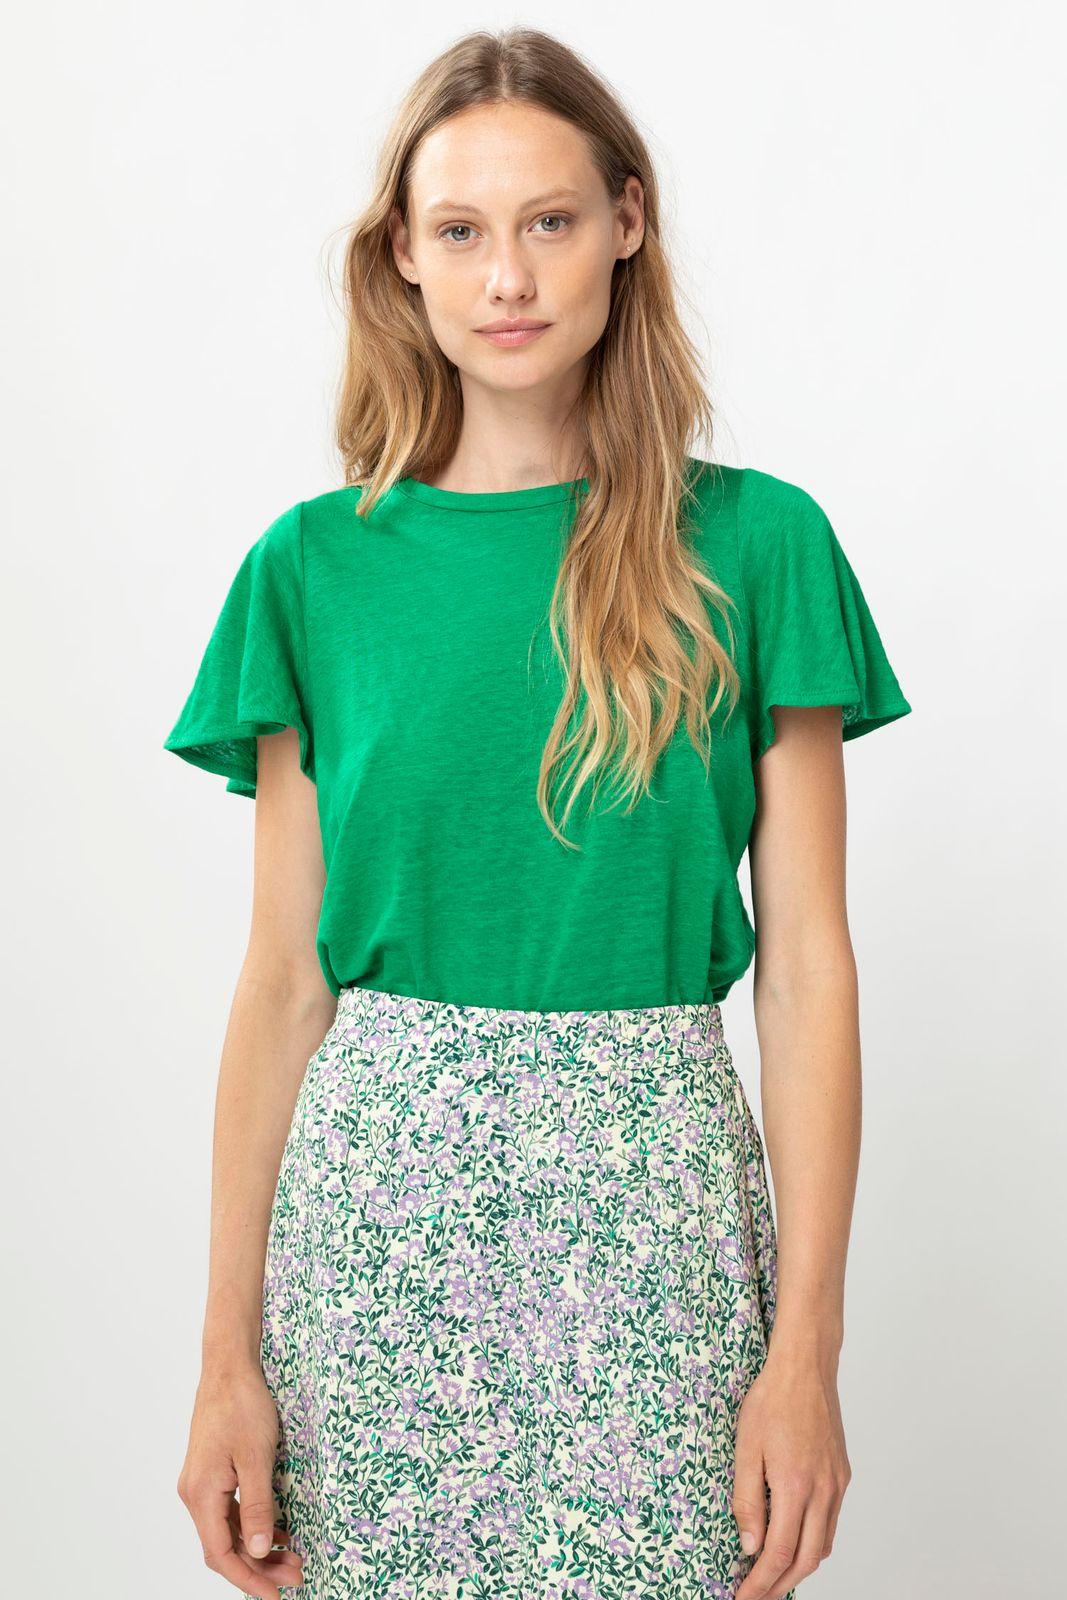 Groen T-shirt met flair mouw